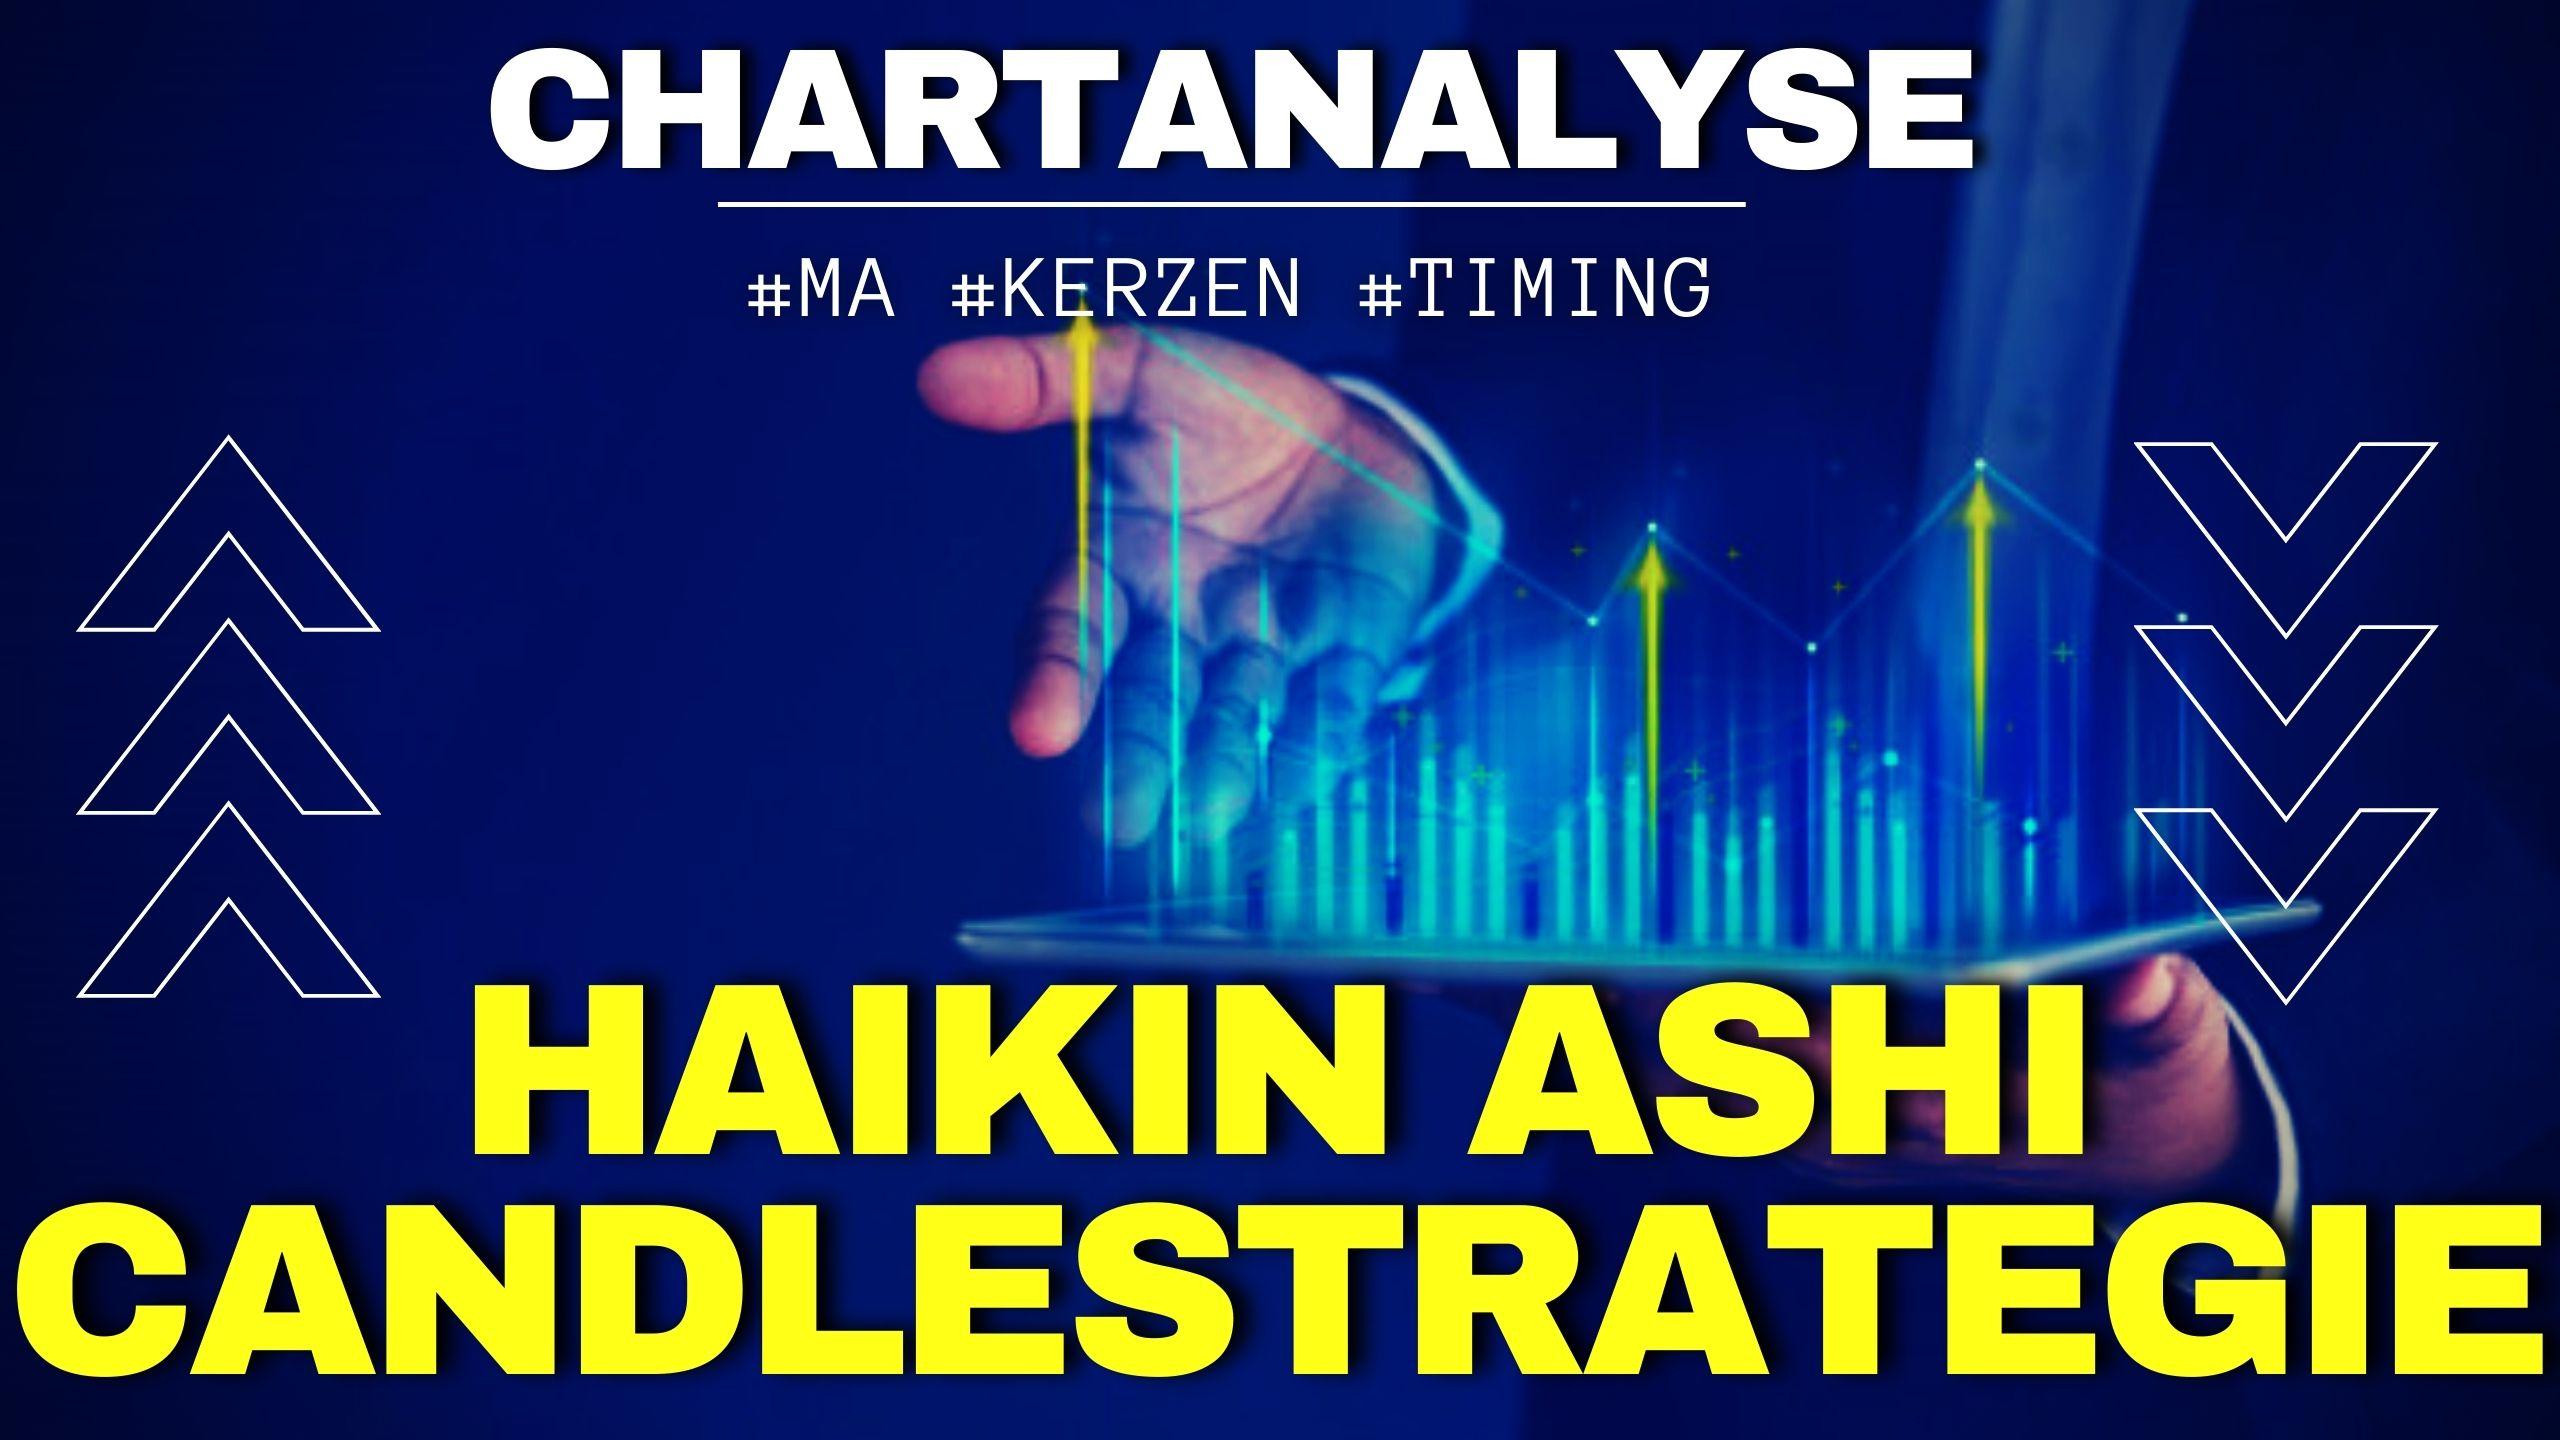 Haikin Ashi Candle Trading Strategie